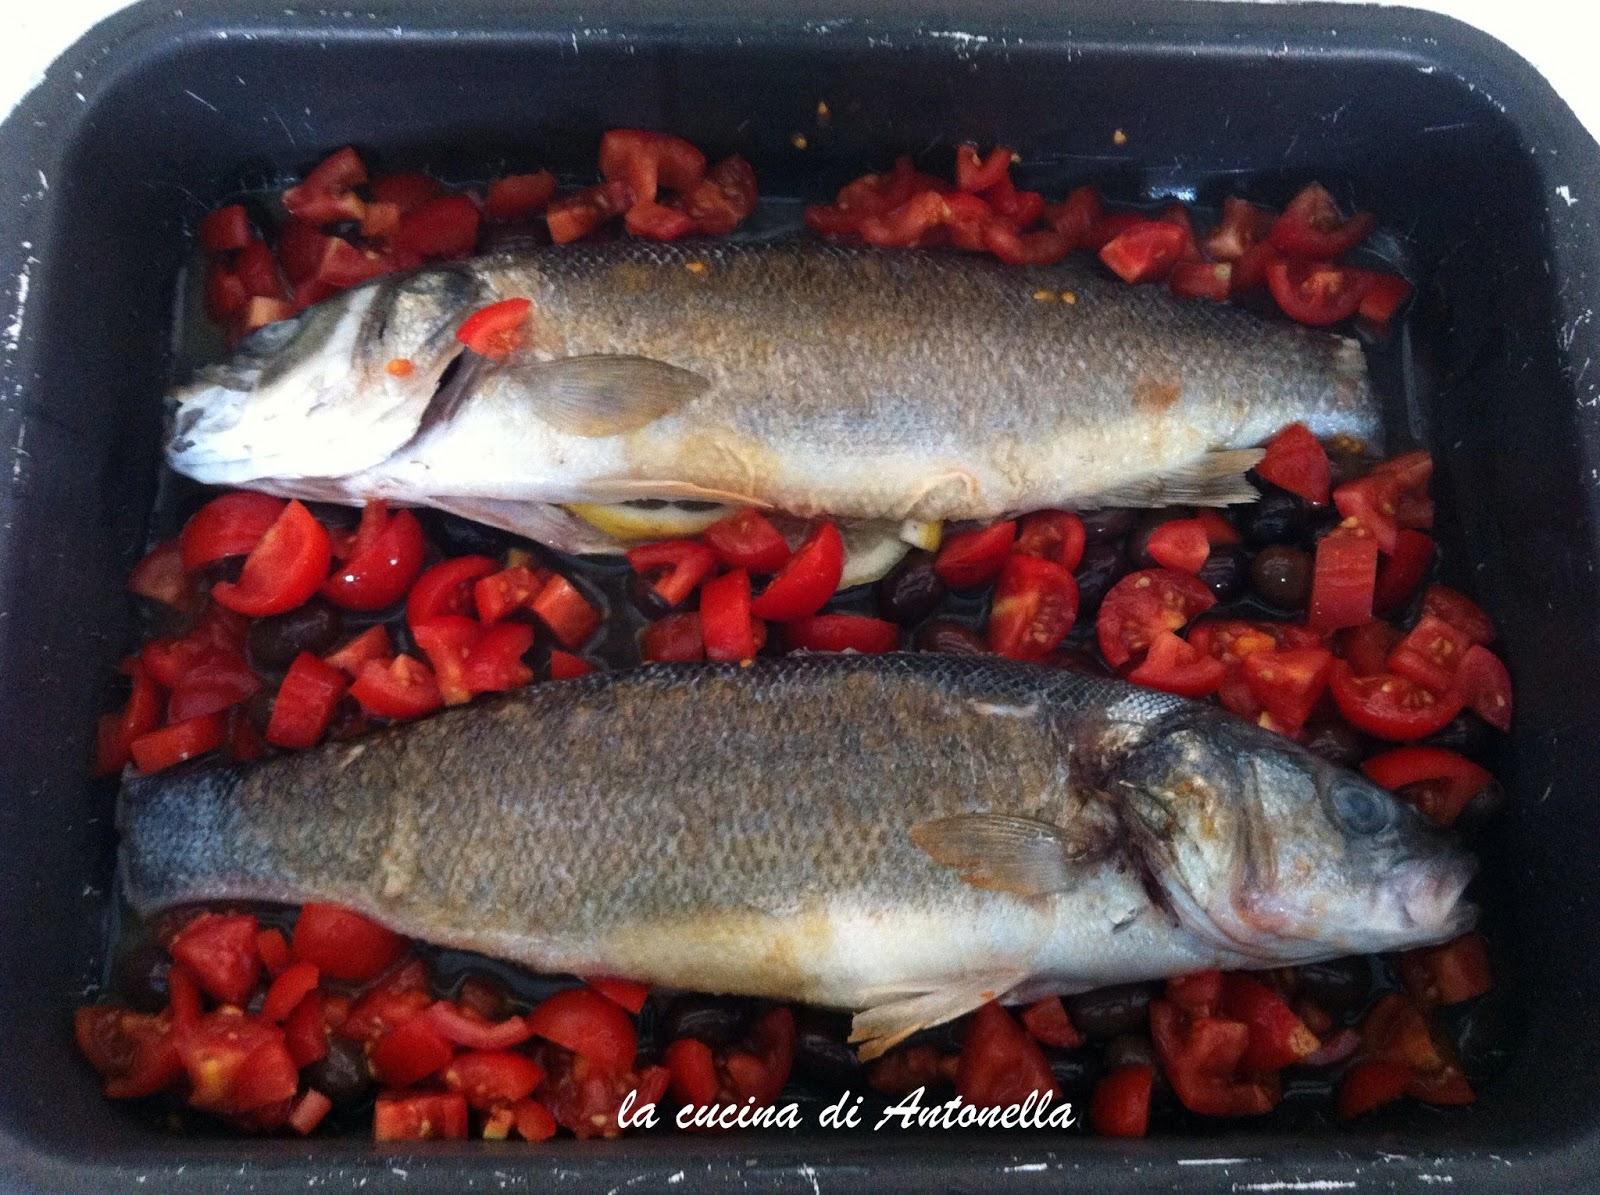 LA CUCINA DI ANTONELLA: Branzino pomodorino e olive taggiasche al ...